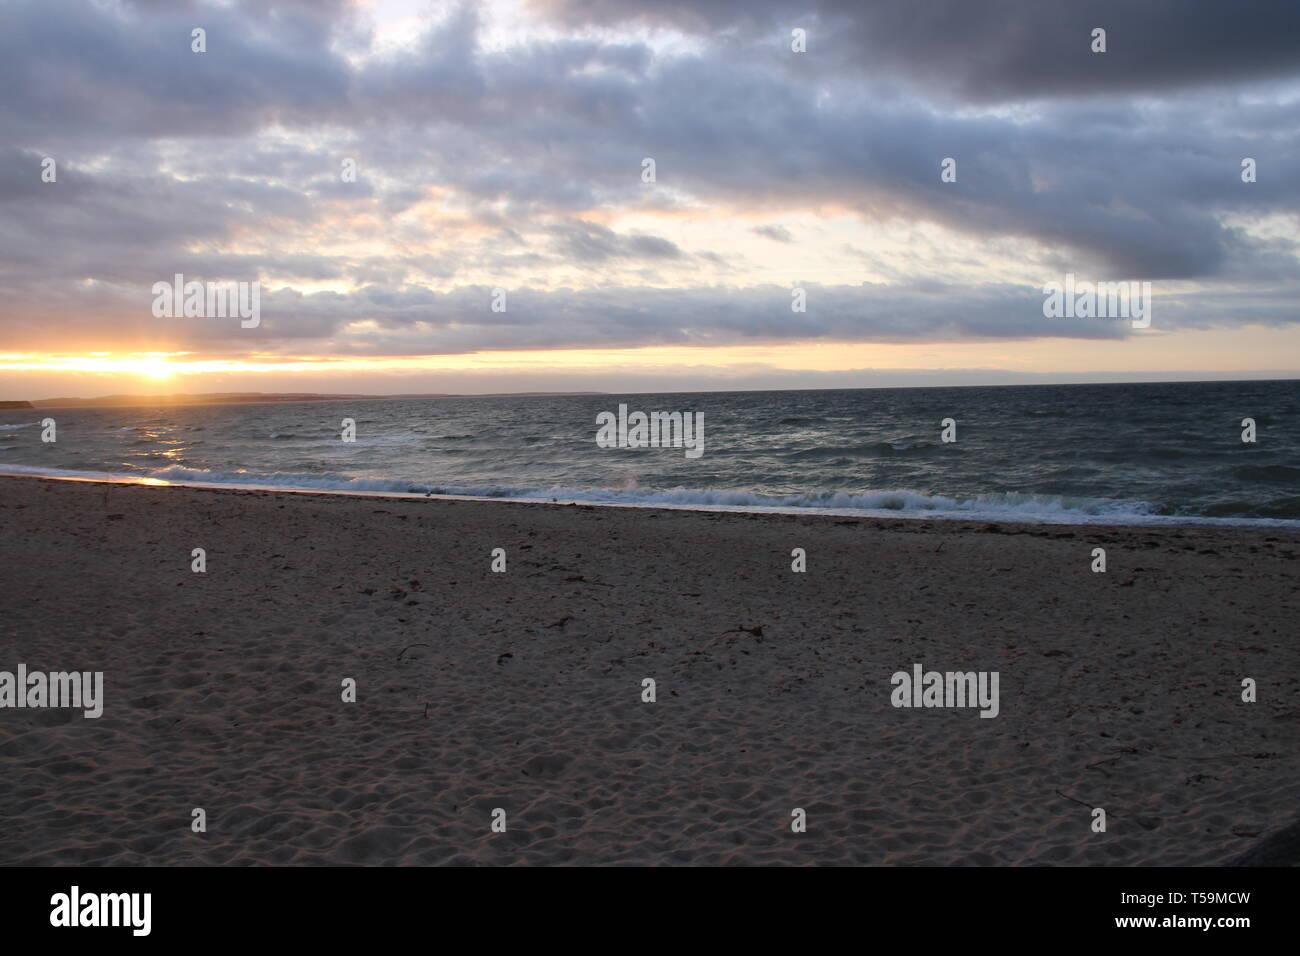 Strand Meer Meer Strand Stockbild